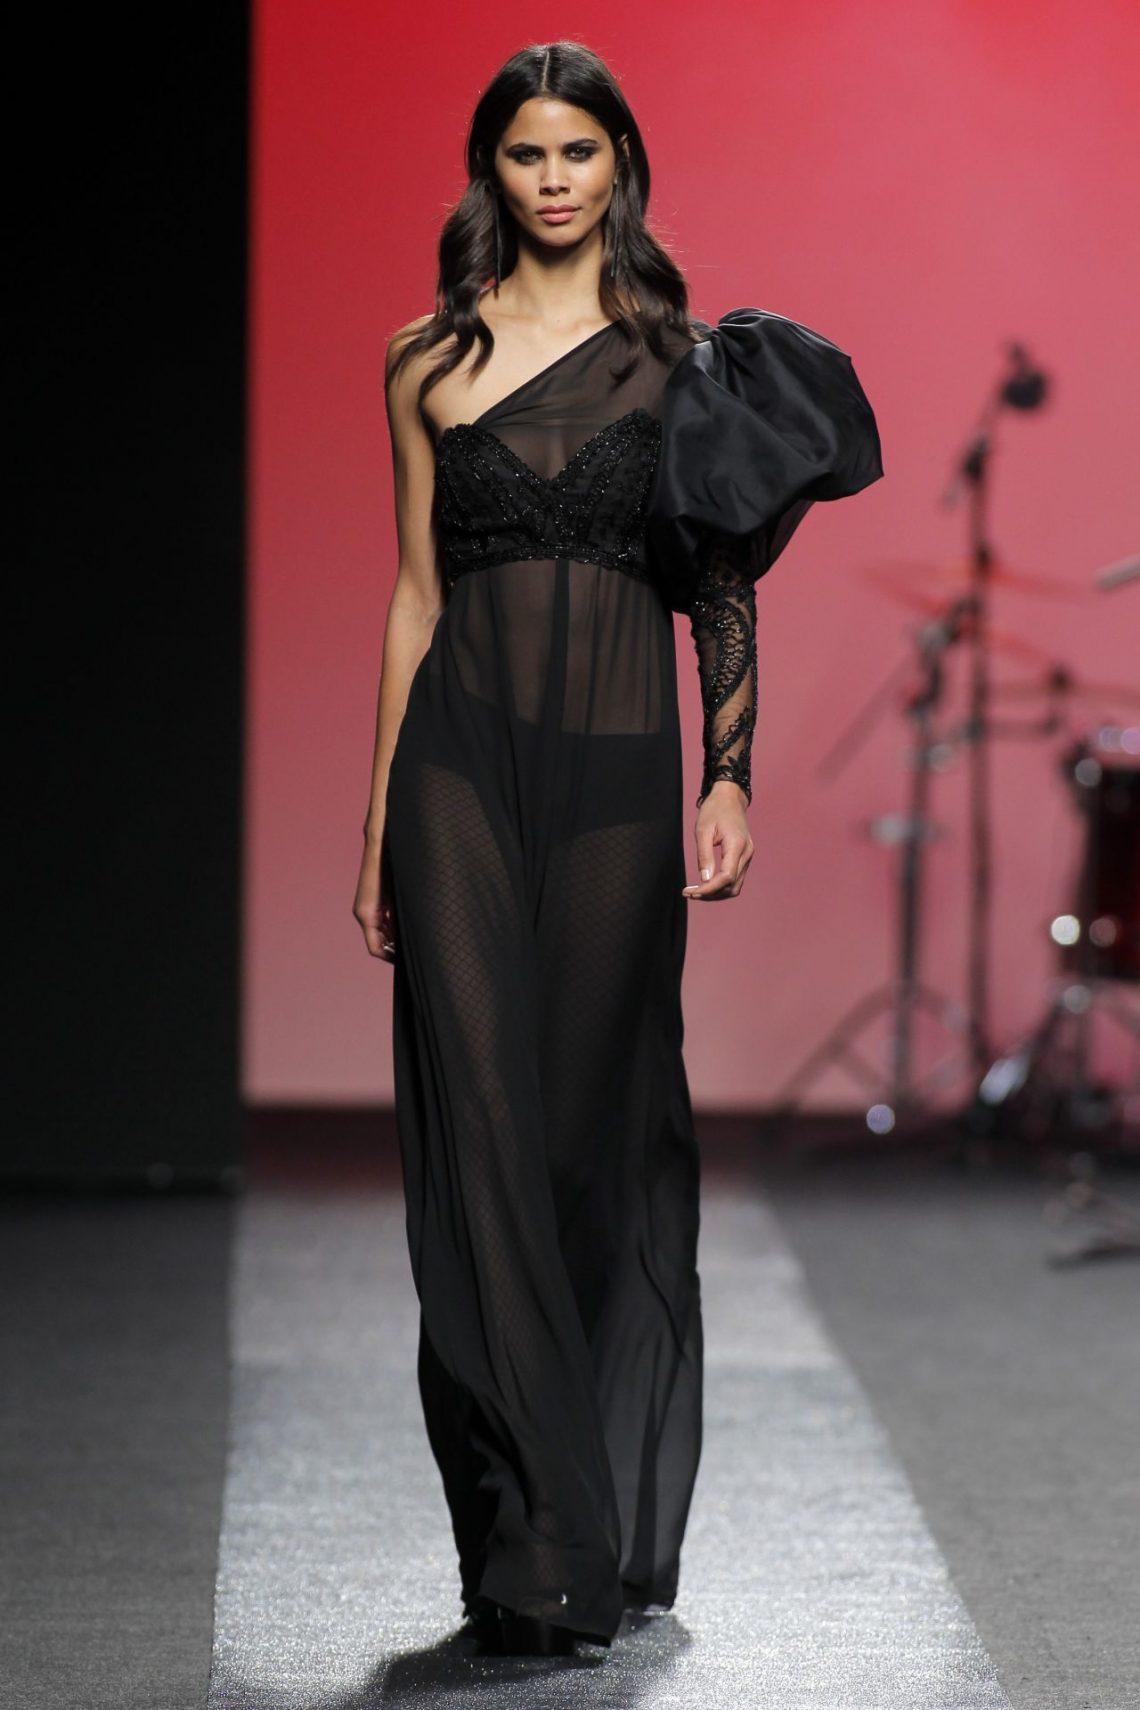 Arranca la 66ª edición de Mercedes-Benz Fashion Week Madrid, la gran plataforma de la moda española